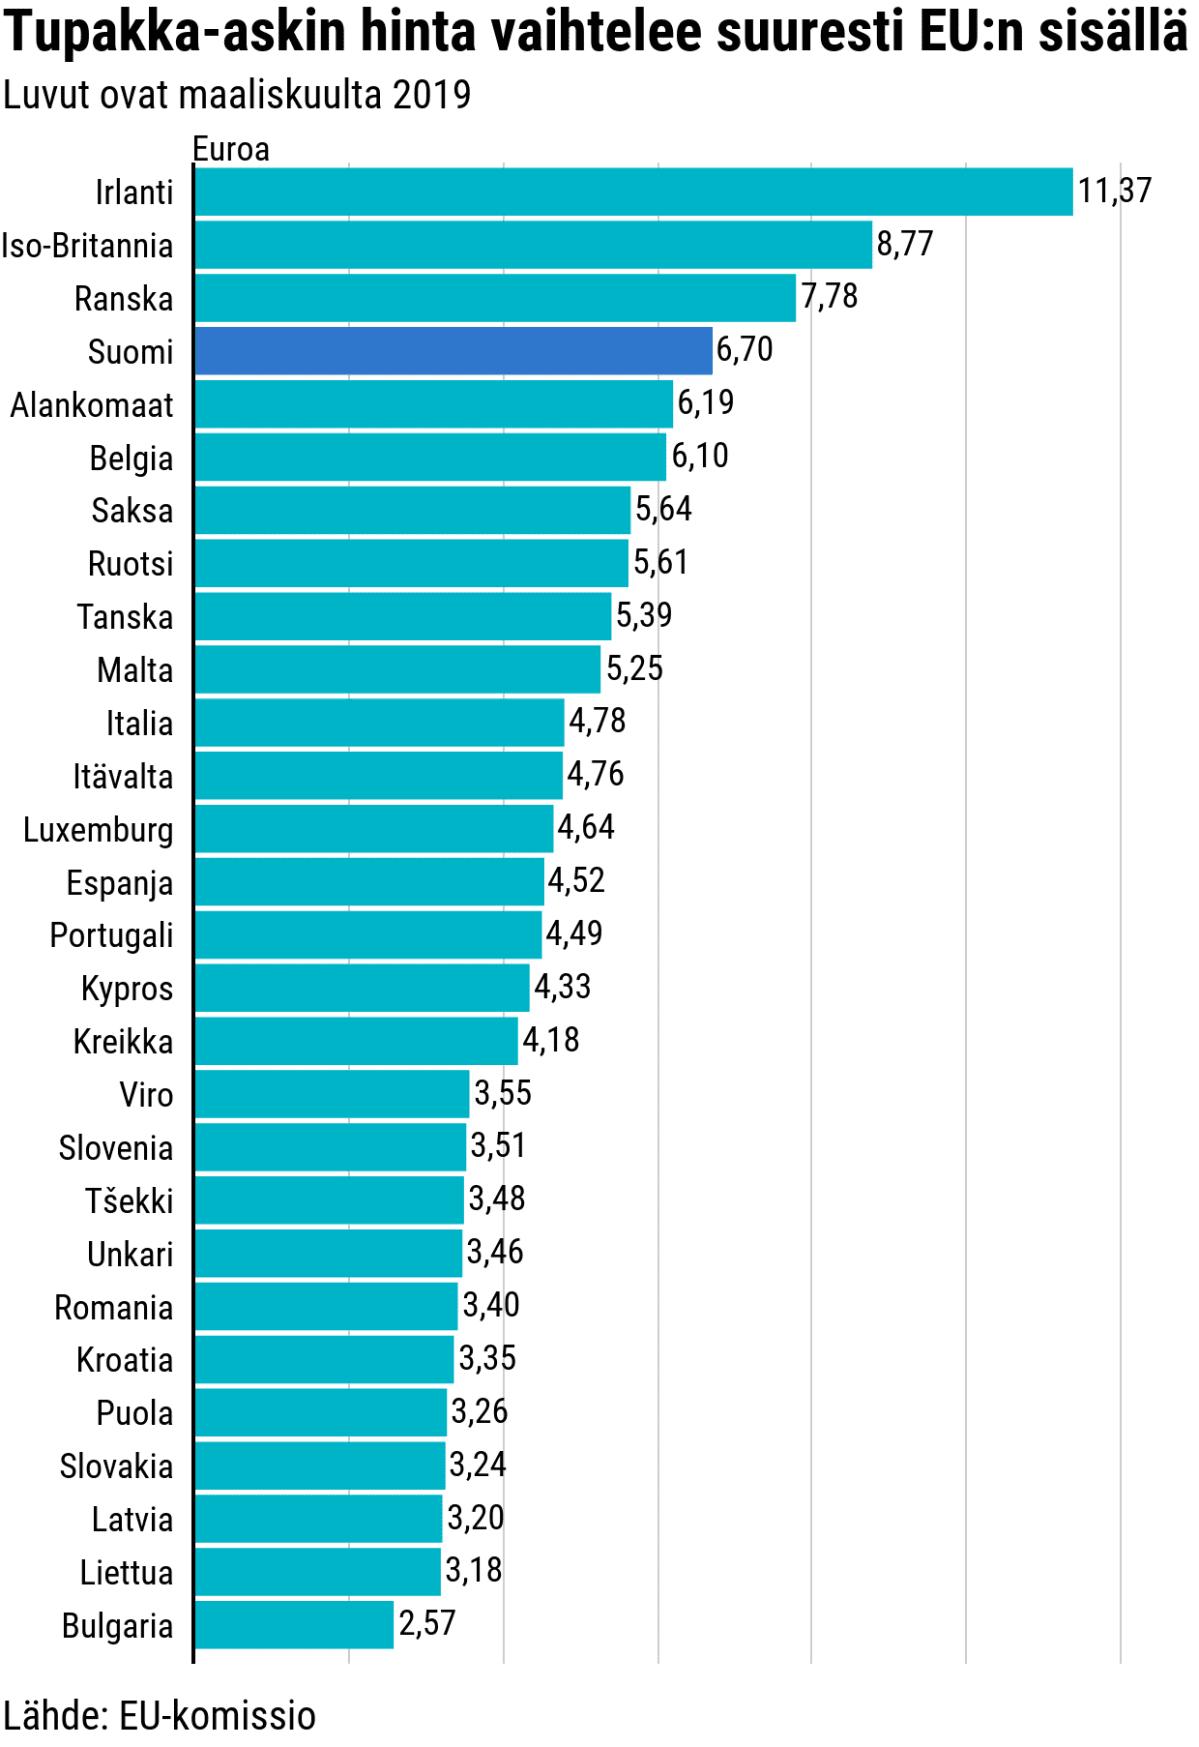 Tilastografiikka tupakka-askin hinnasta eri maissa.